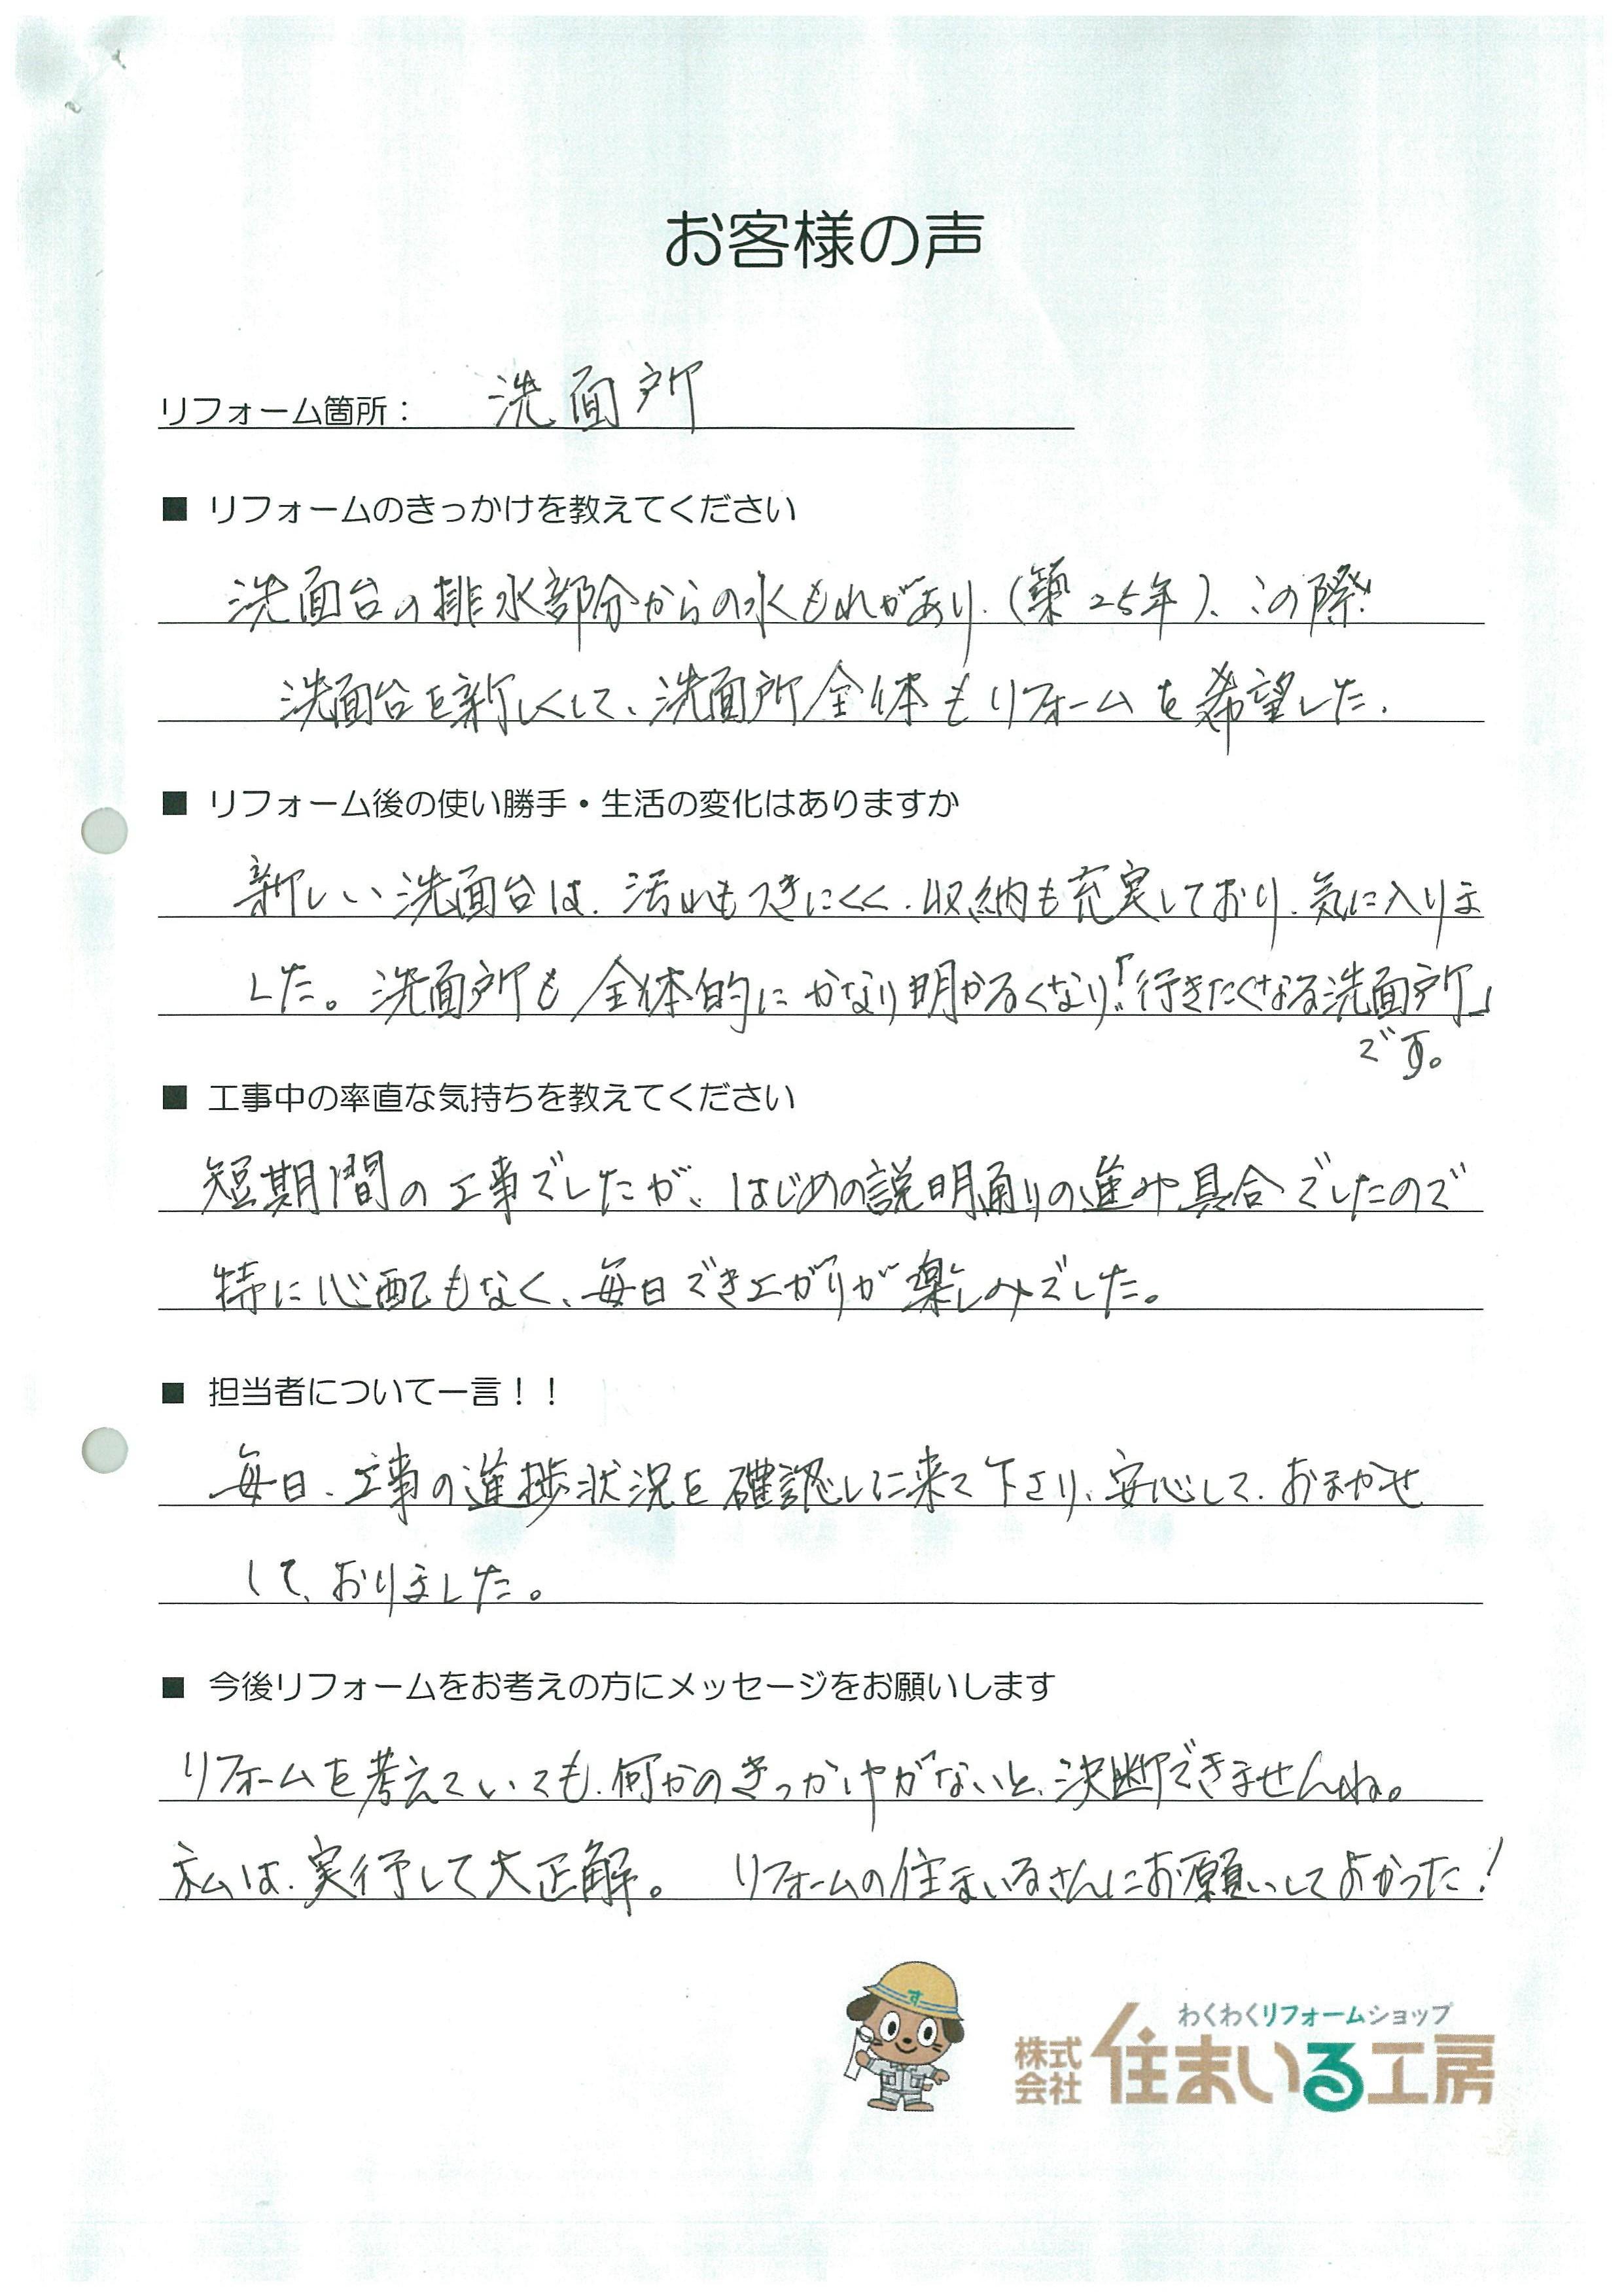 熊谷様アンケート